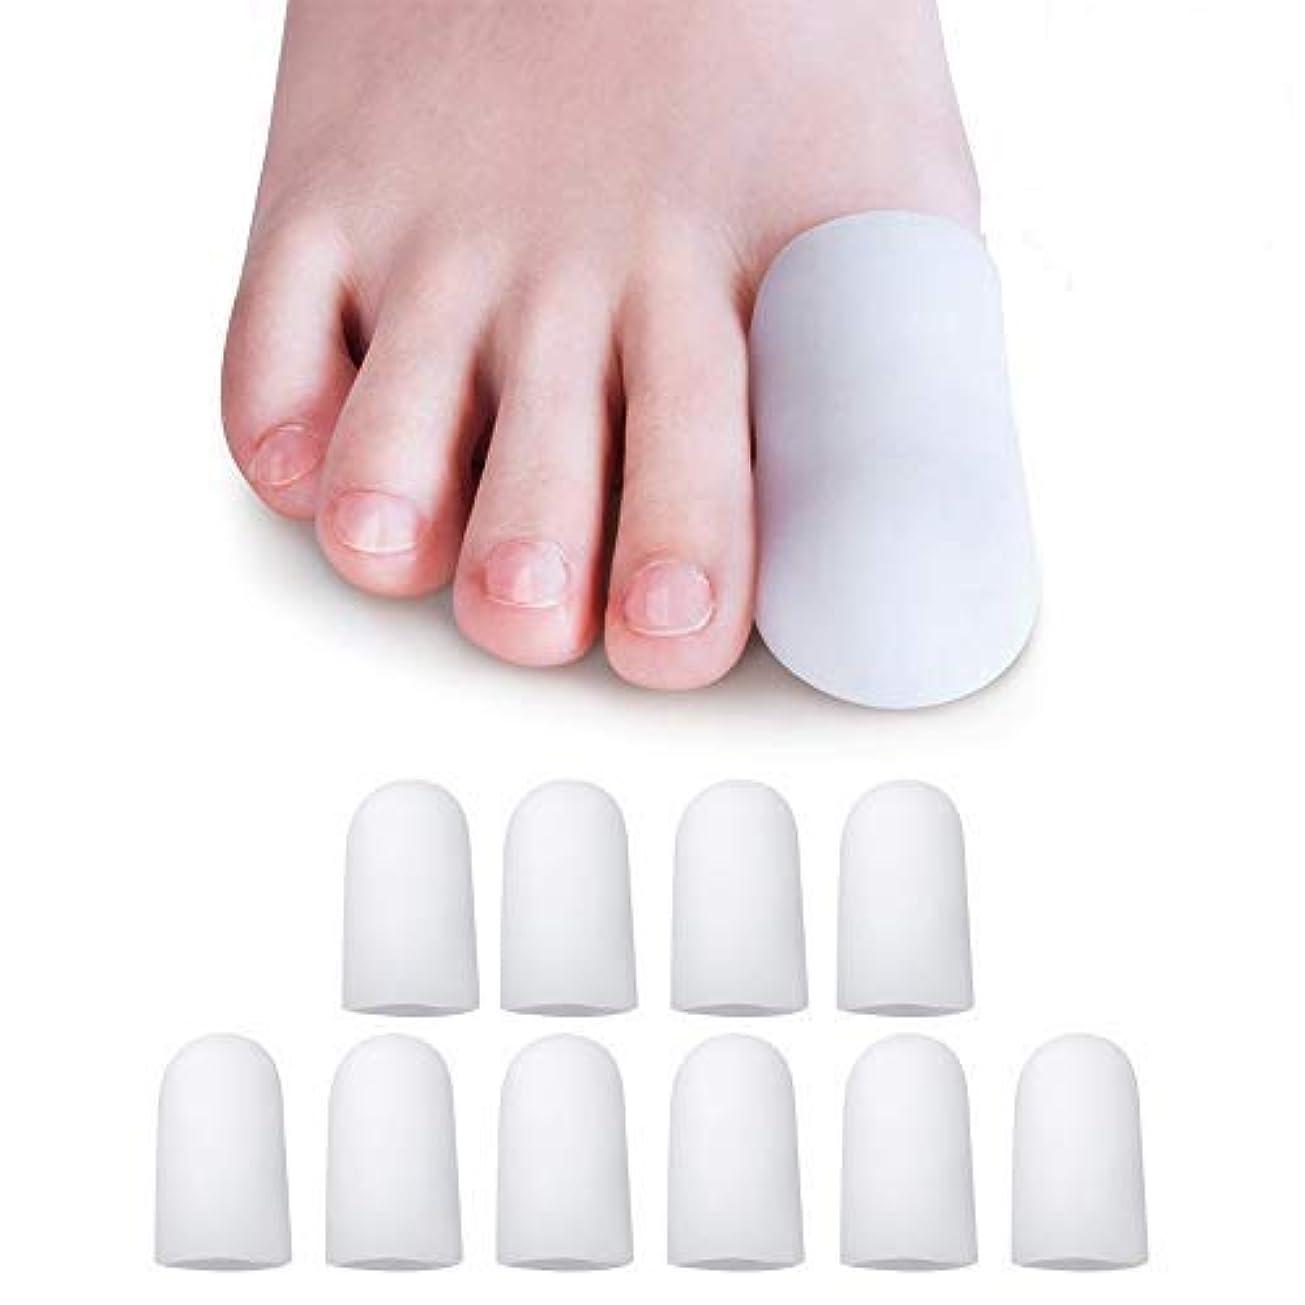 保持する長々と罰サマーベリー 10ペア 20個入り ジェル 保護キャップ プロテクター スリーブ 新素材 水疱 ハンマートゥ 陥入爪 爪損傷 摩擦疼痛などの緩和 親指, 足先のつめ保護キャップ, つま先キャップ 白い